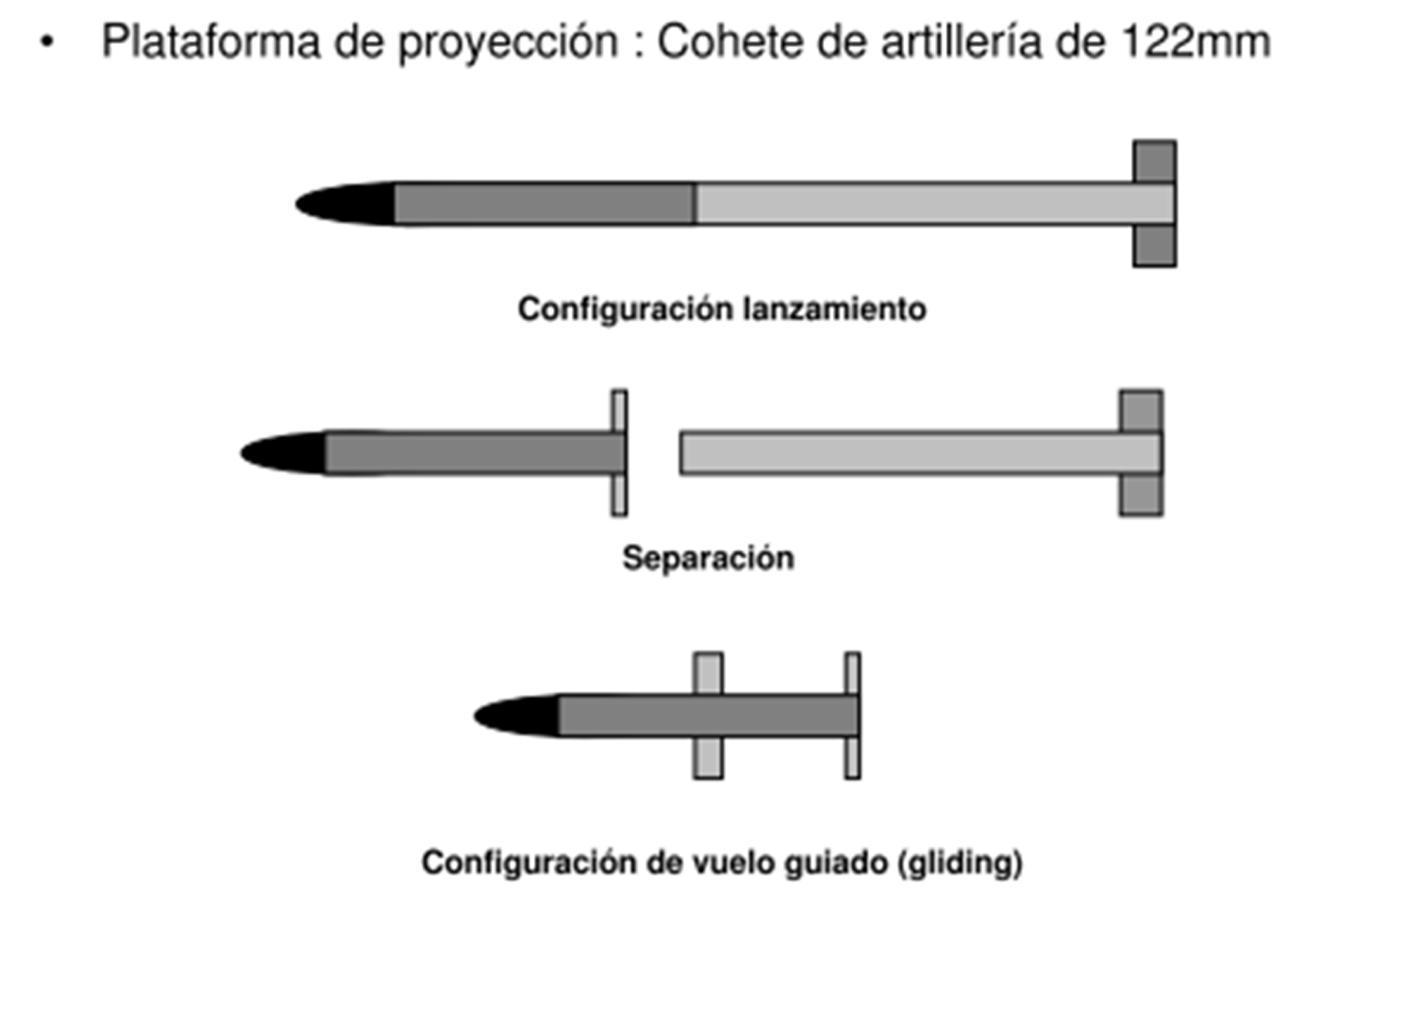 Munición Guiada Argentina de Precisión MUGAP Fabricaciones Militares - Página 3 Fvv1o9